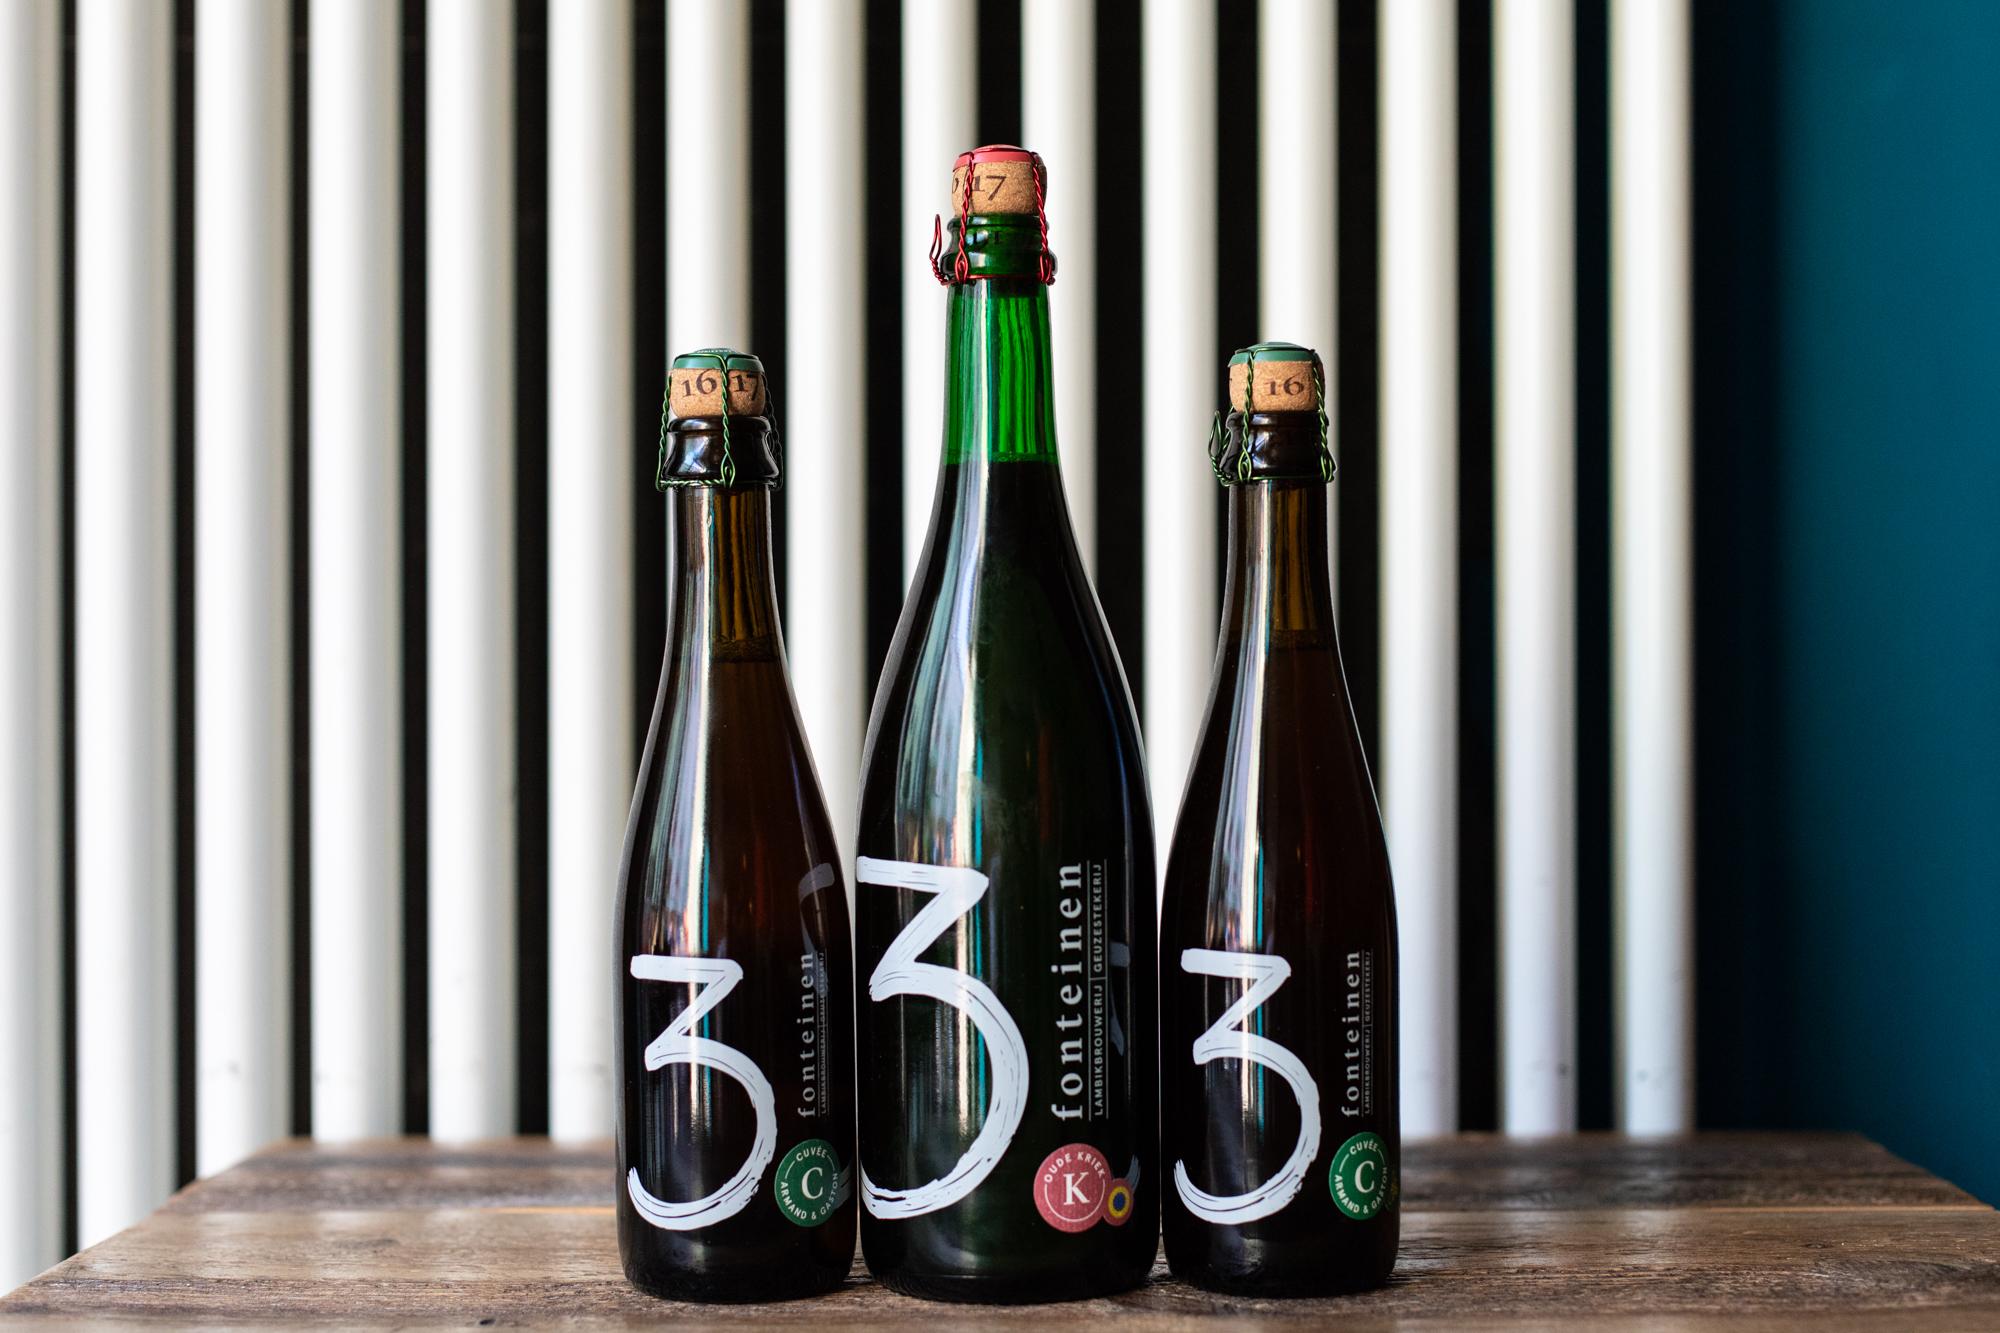 Flaschen im Protokoll Taproom Berlin, eine Craft Beer Bar mit 24 Zapfhähne in Berlin Friedrichshain